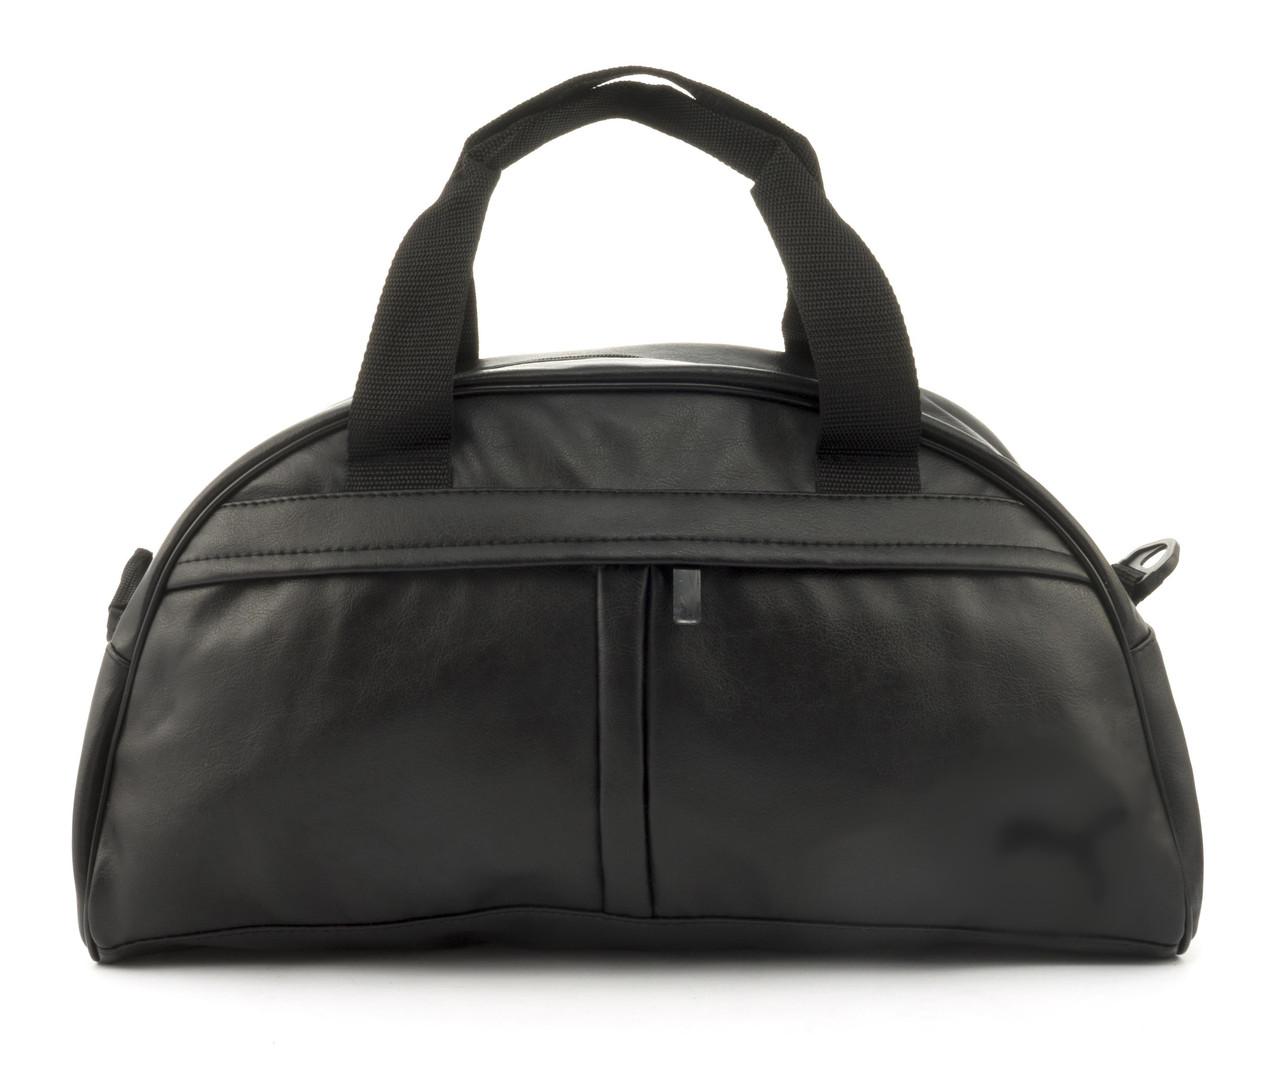 Стильная спортивная вместительная сумка art. 128 (102781) черная эко кожа